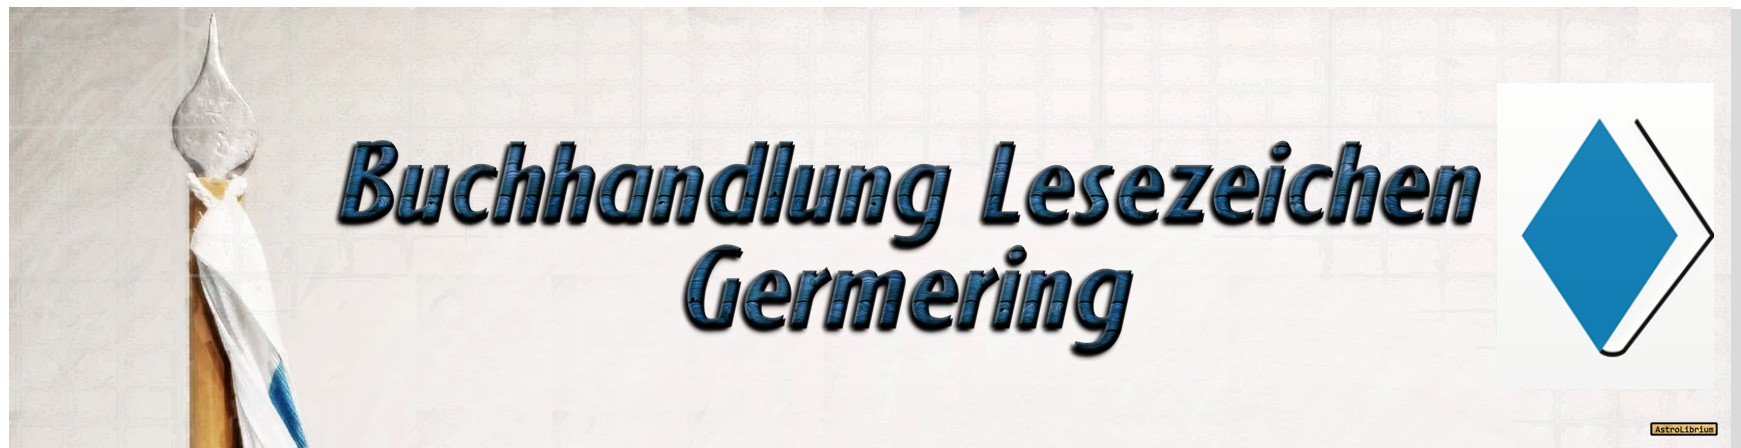 Buchhandlung Lesezeichen Germering - Astrolibrium